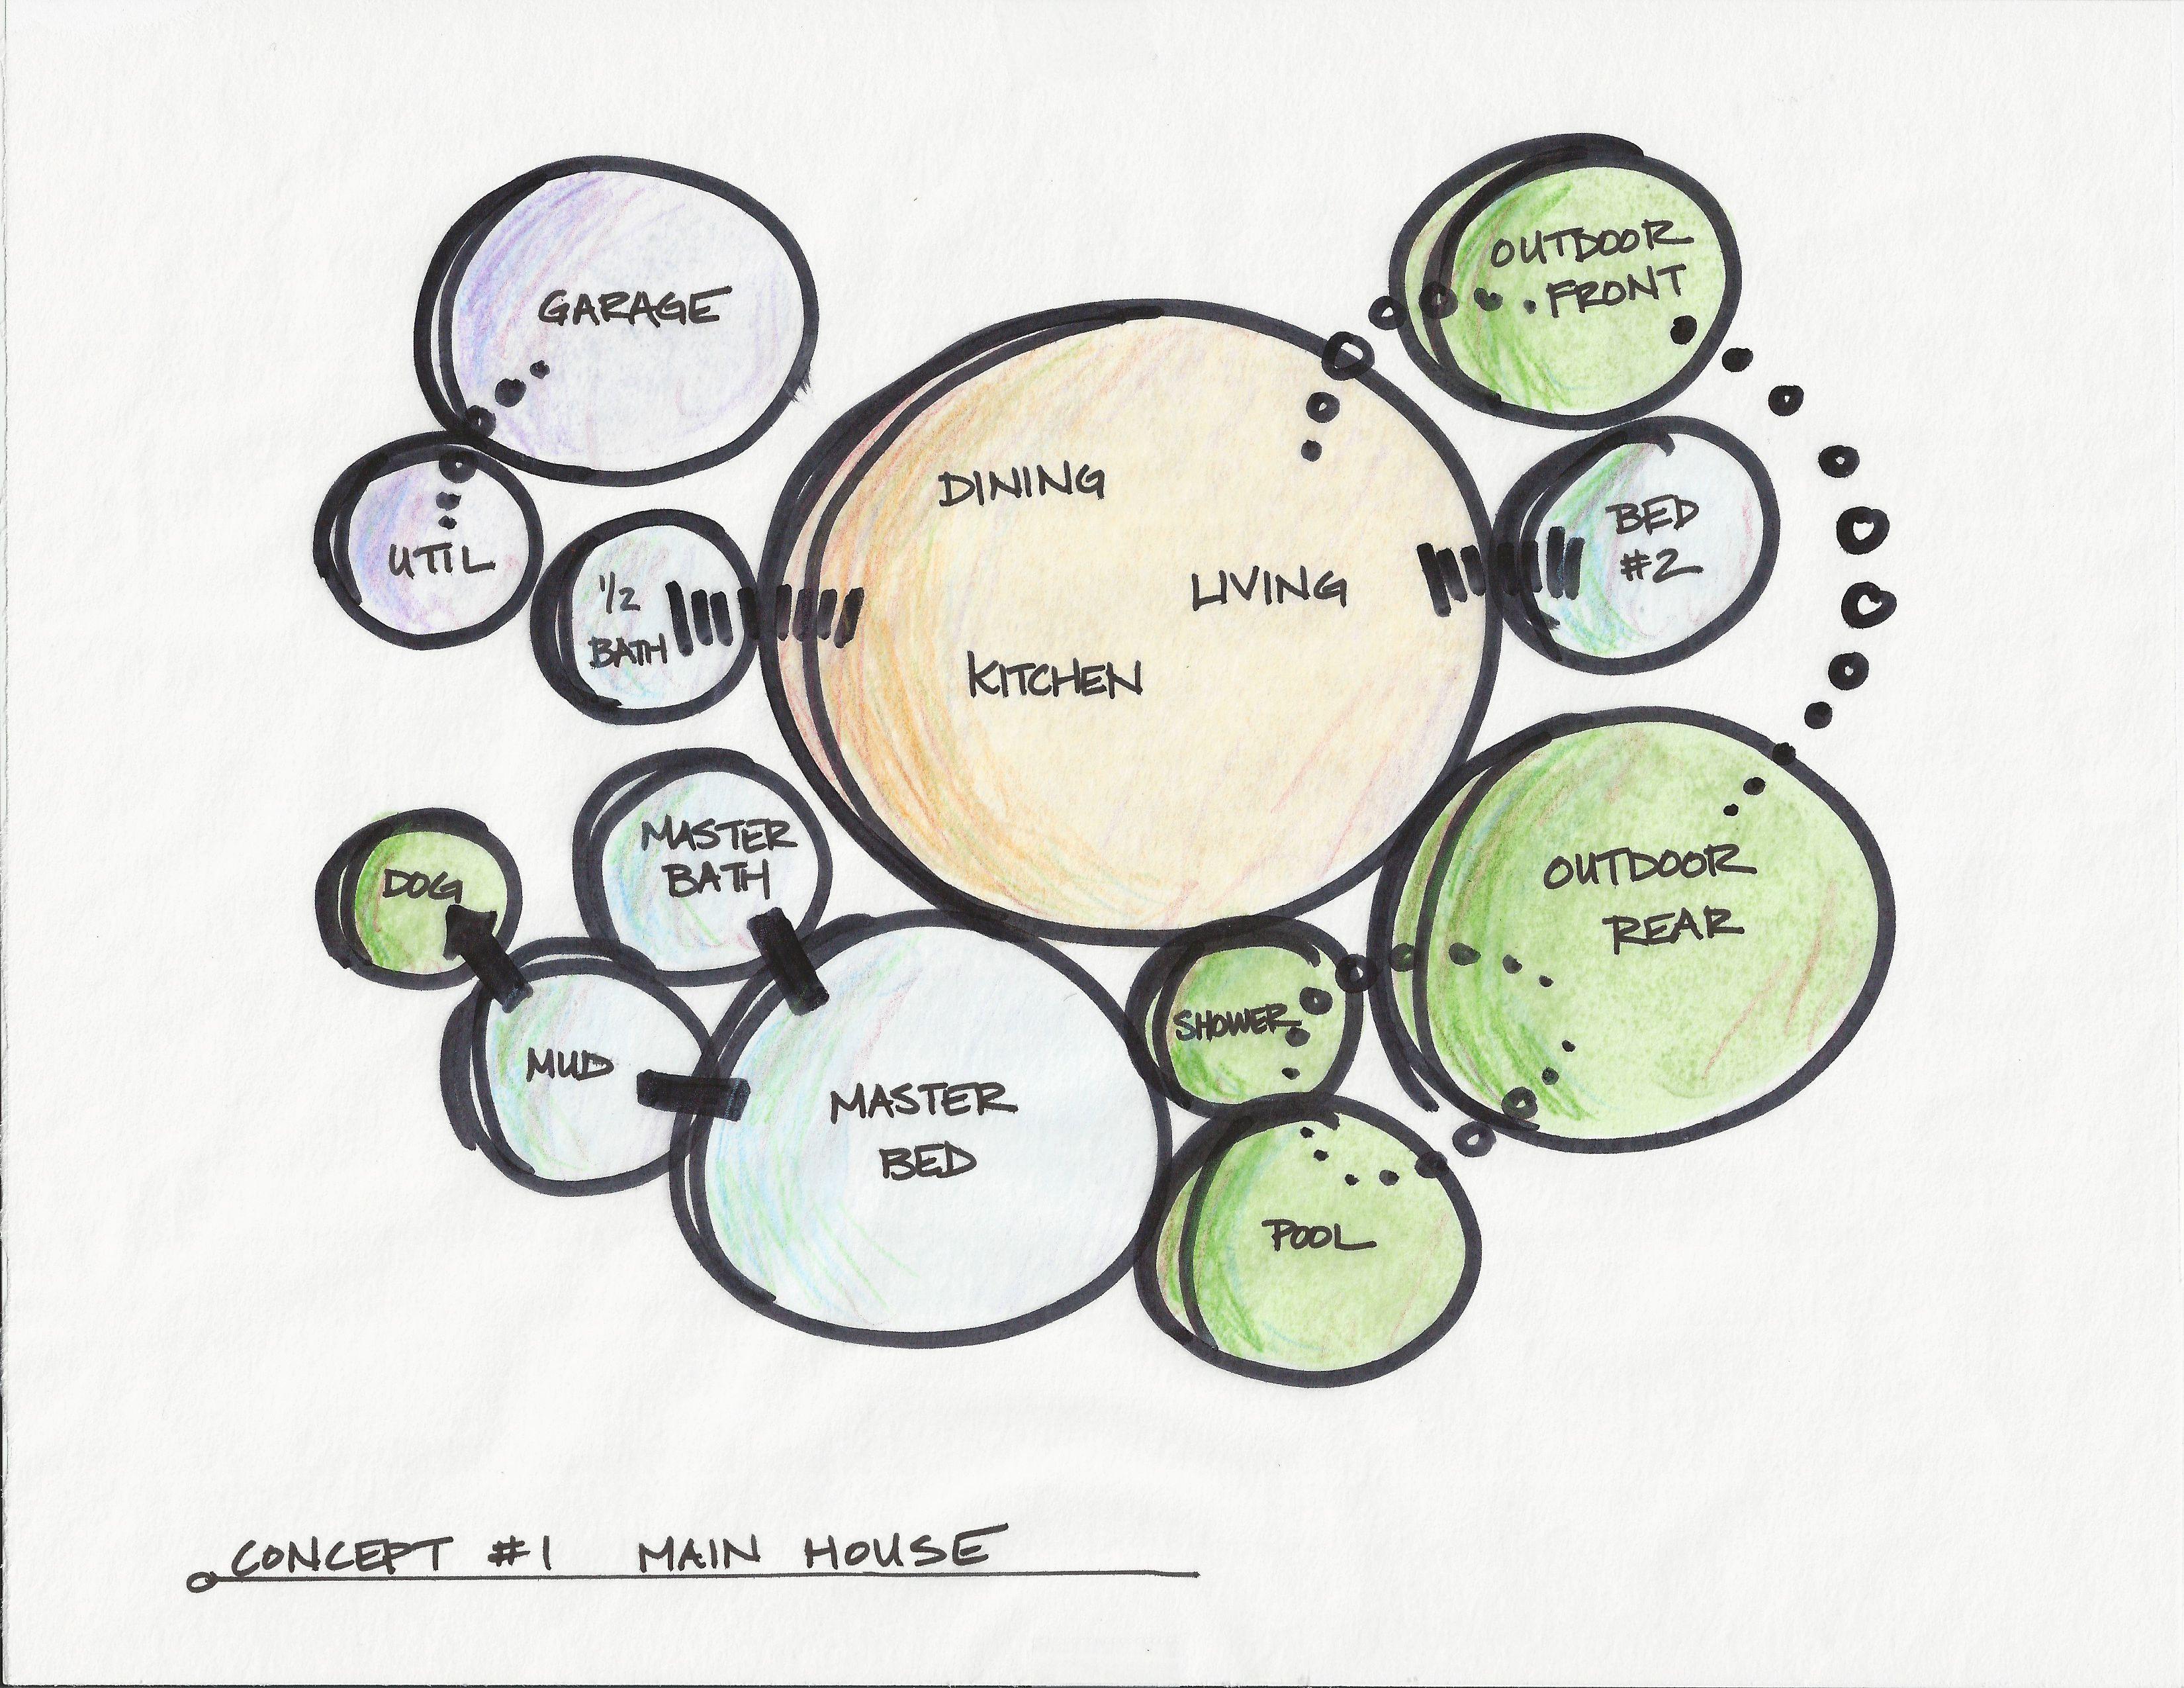 Bubble diagram architecture definition images how to for Definition architecture